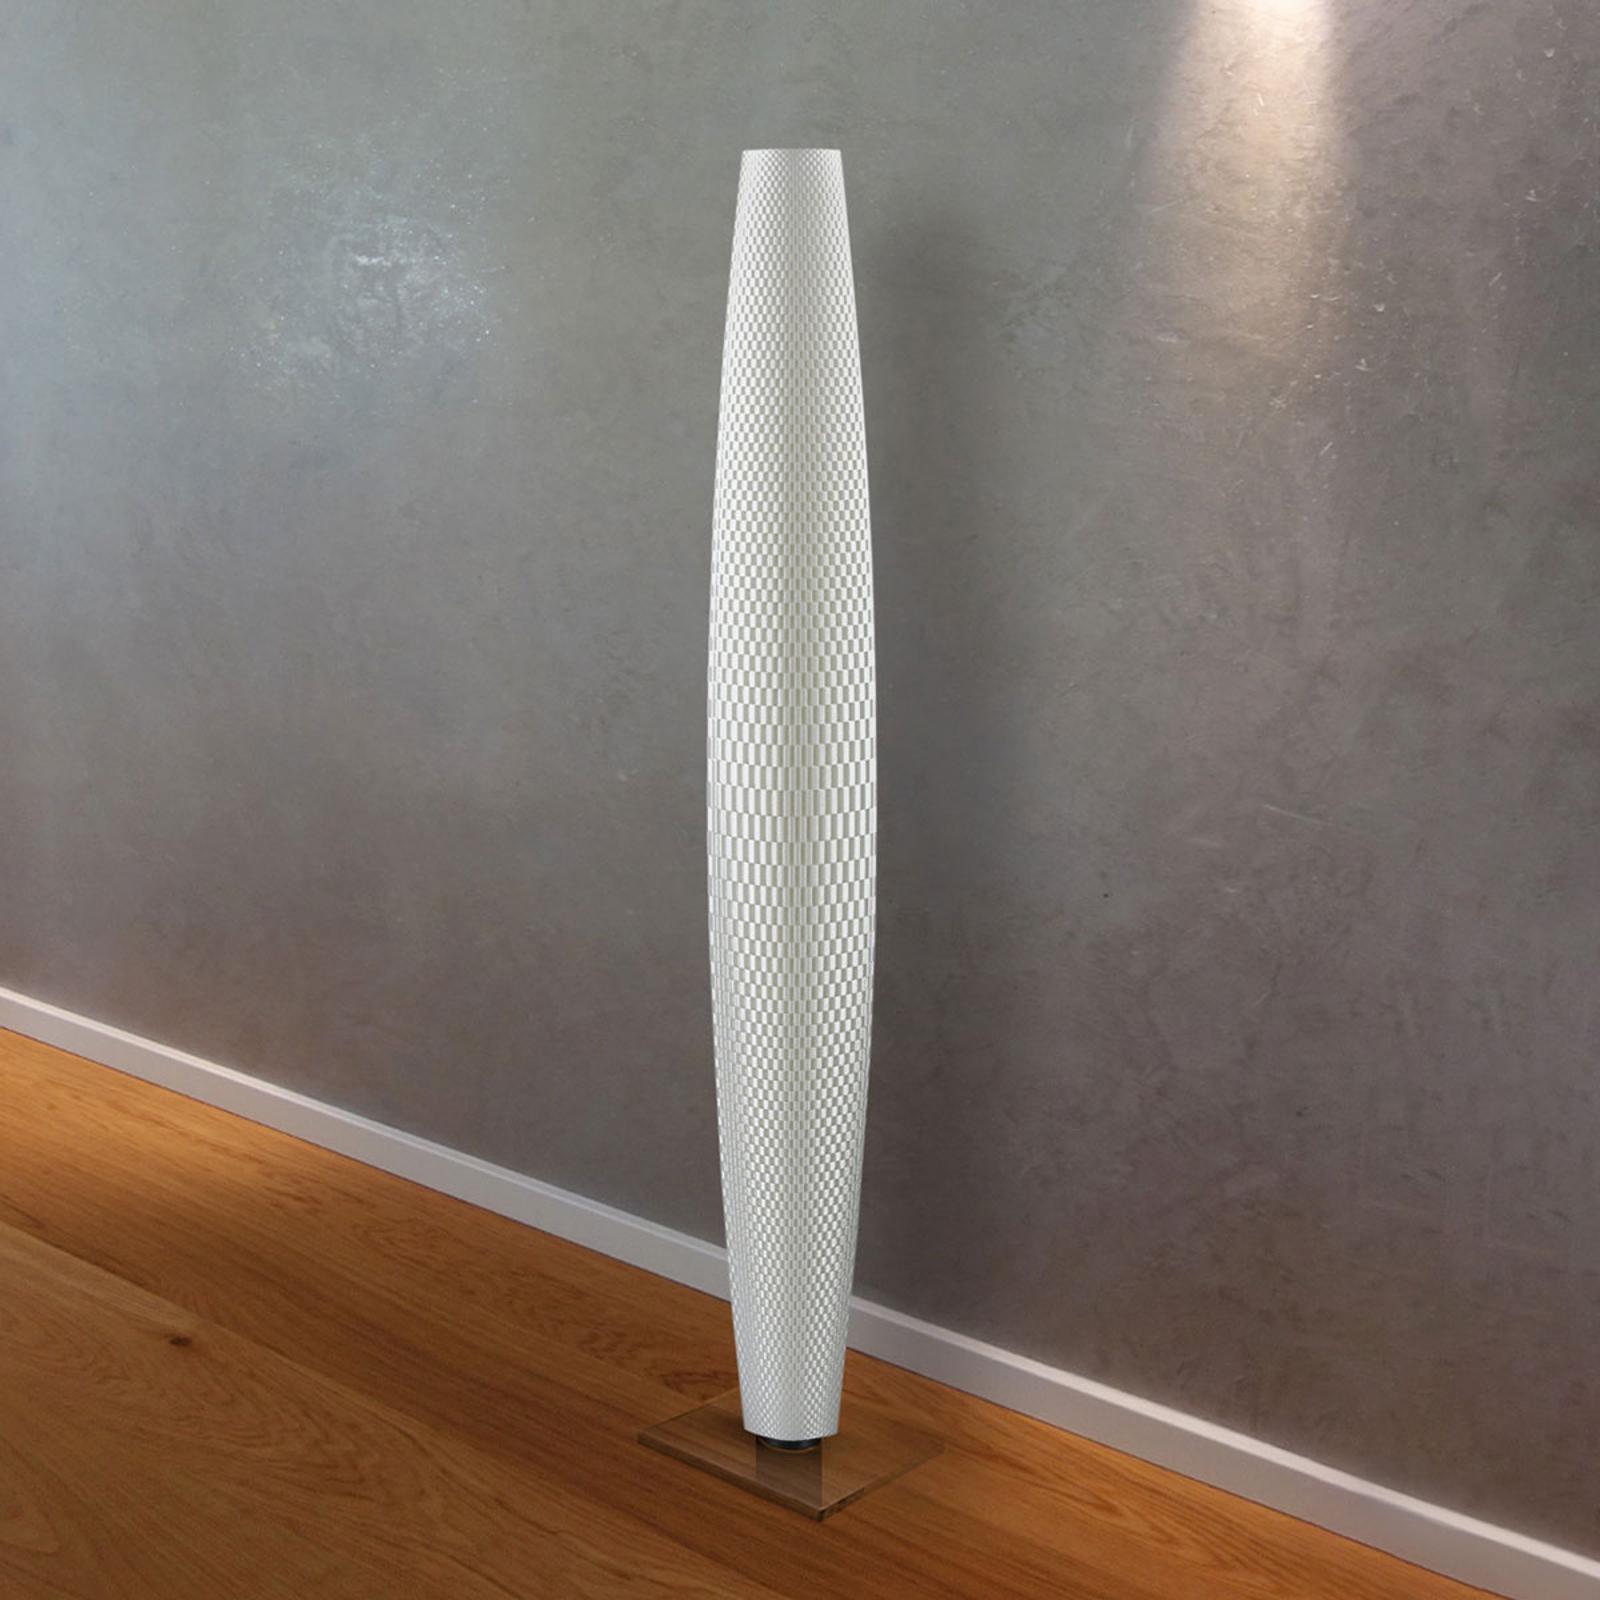 LED-lattiavalaisin Punos Pur, valkoinen 110 cm